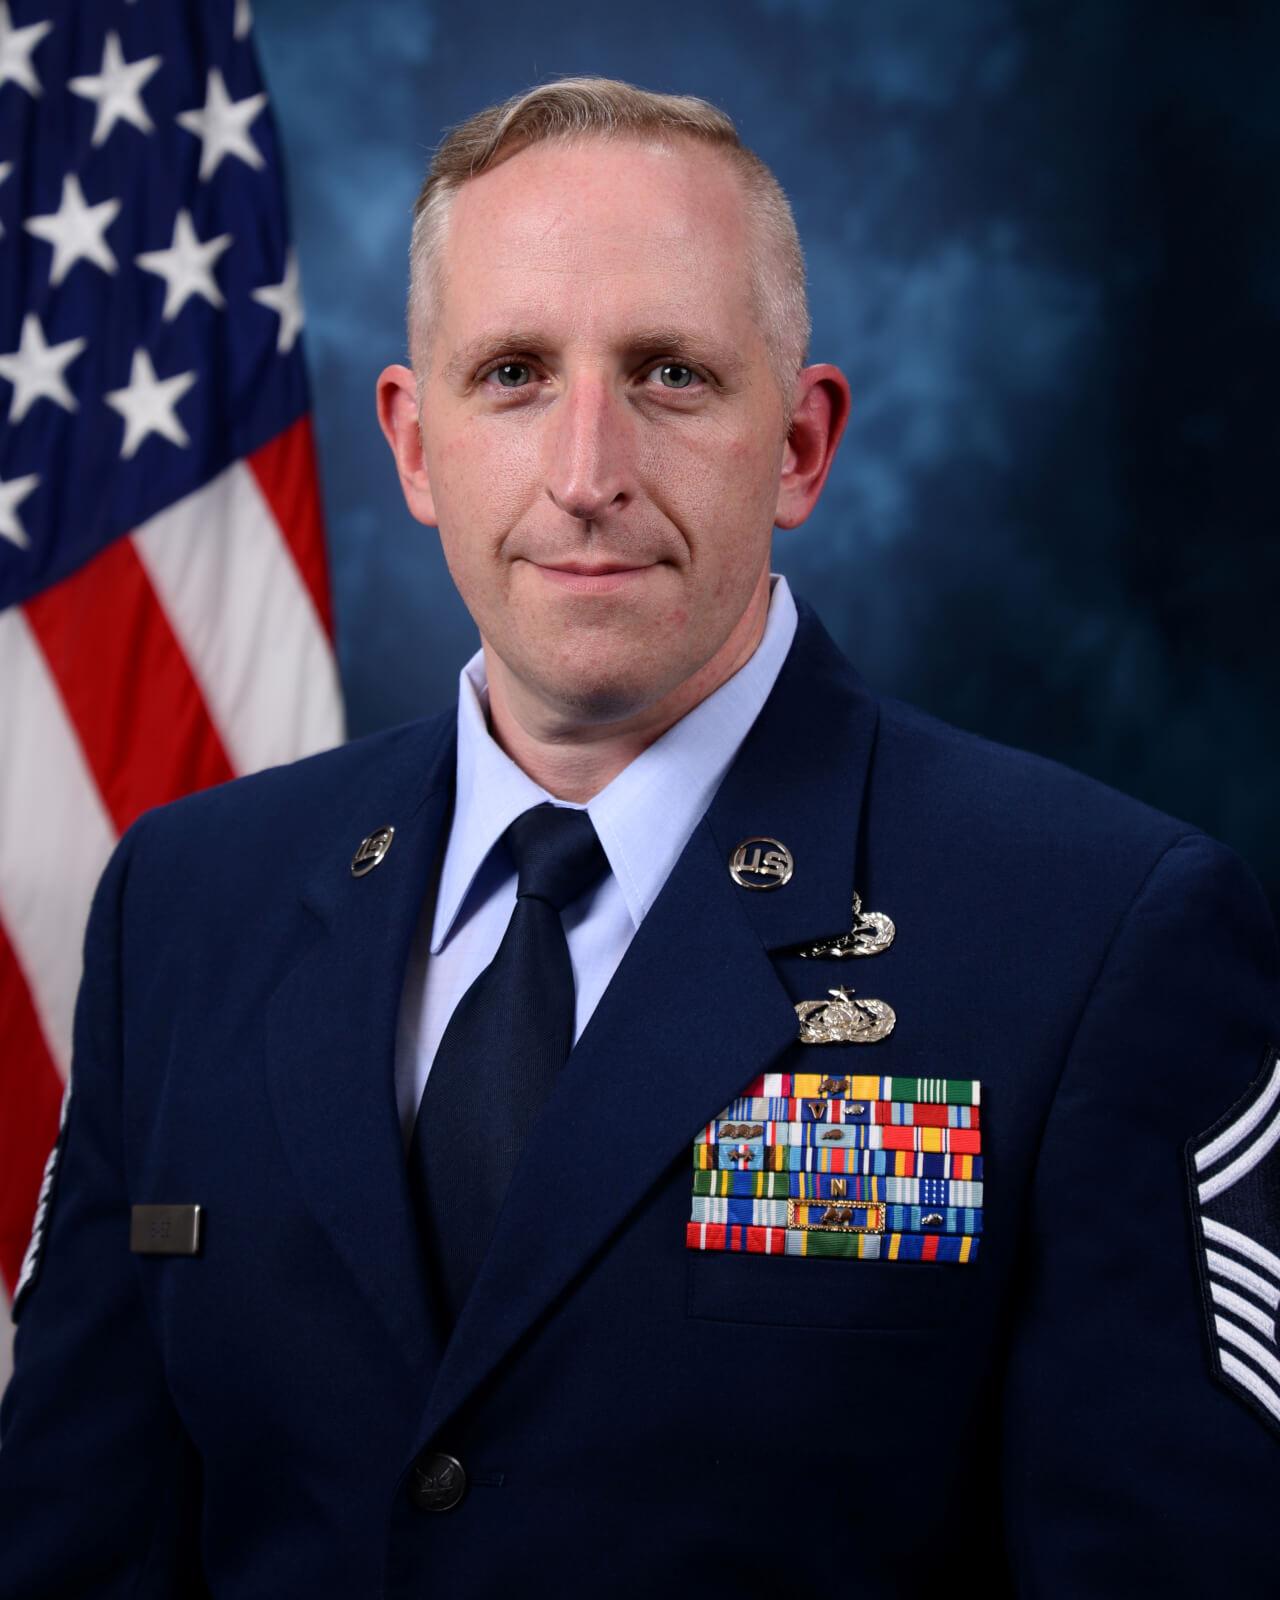 Official Photo of William Baez